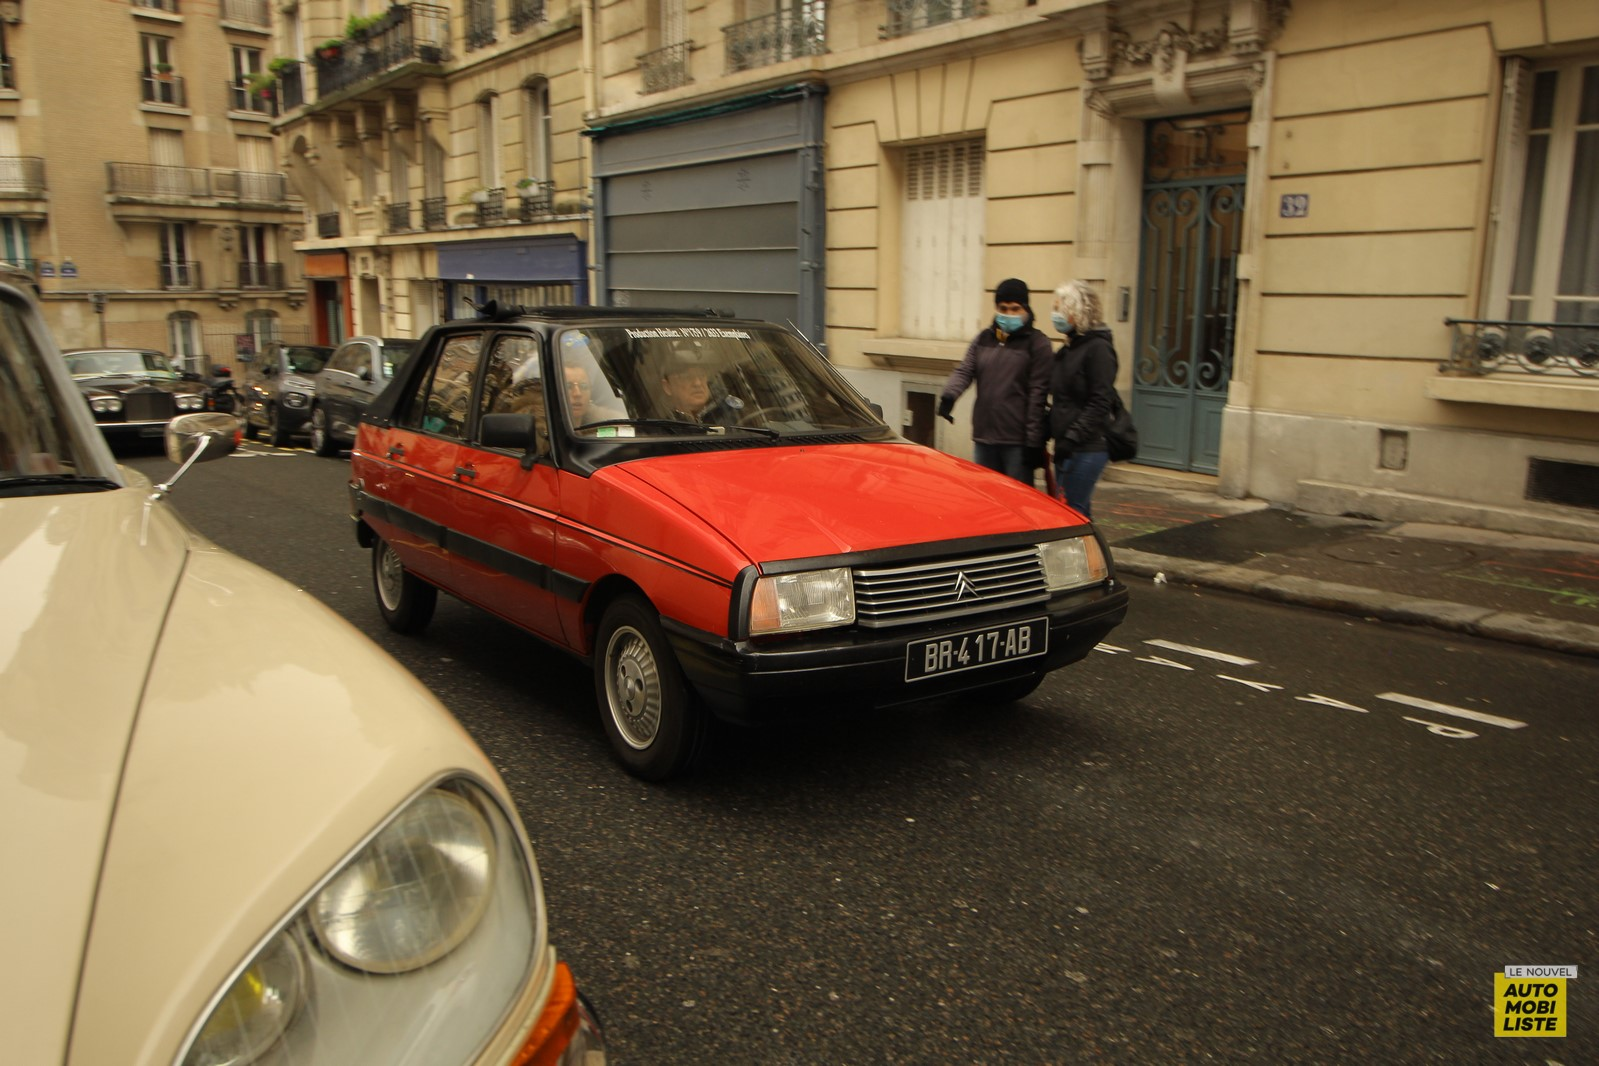 Traversee de Paris LNA Thibaut Dumoulin 14